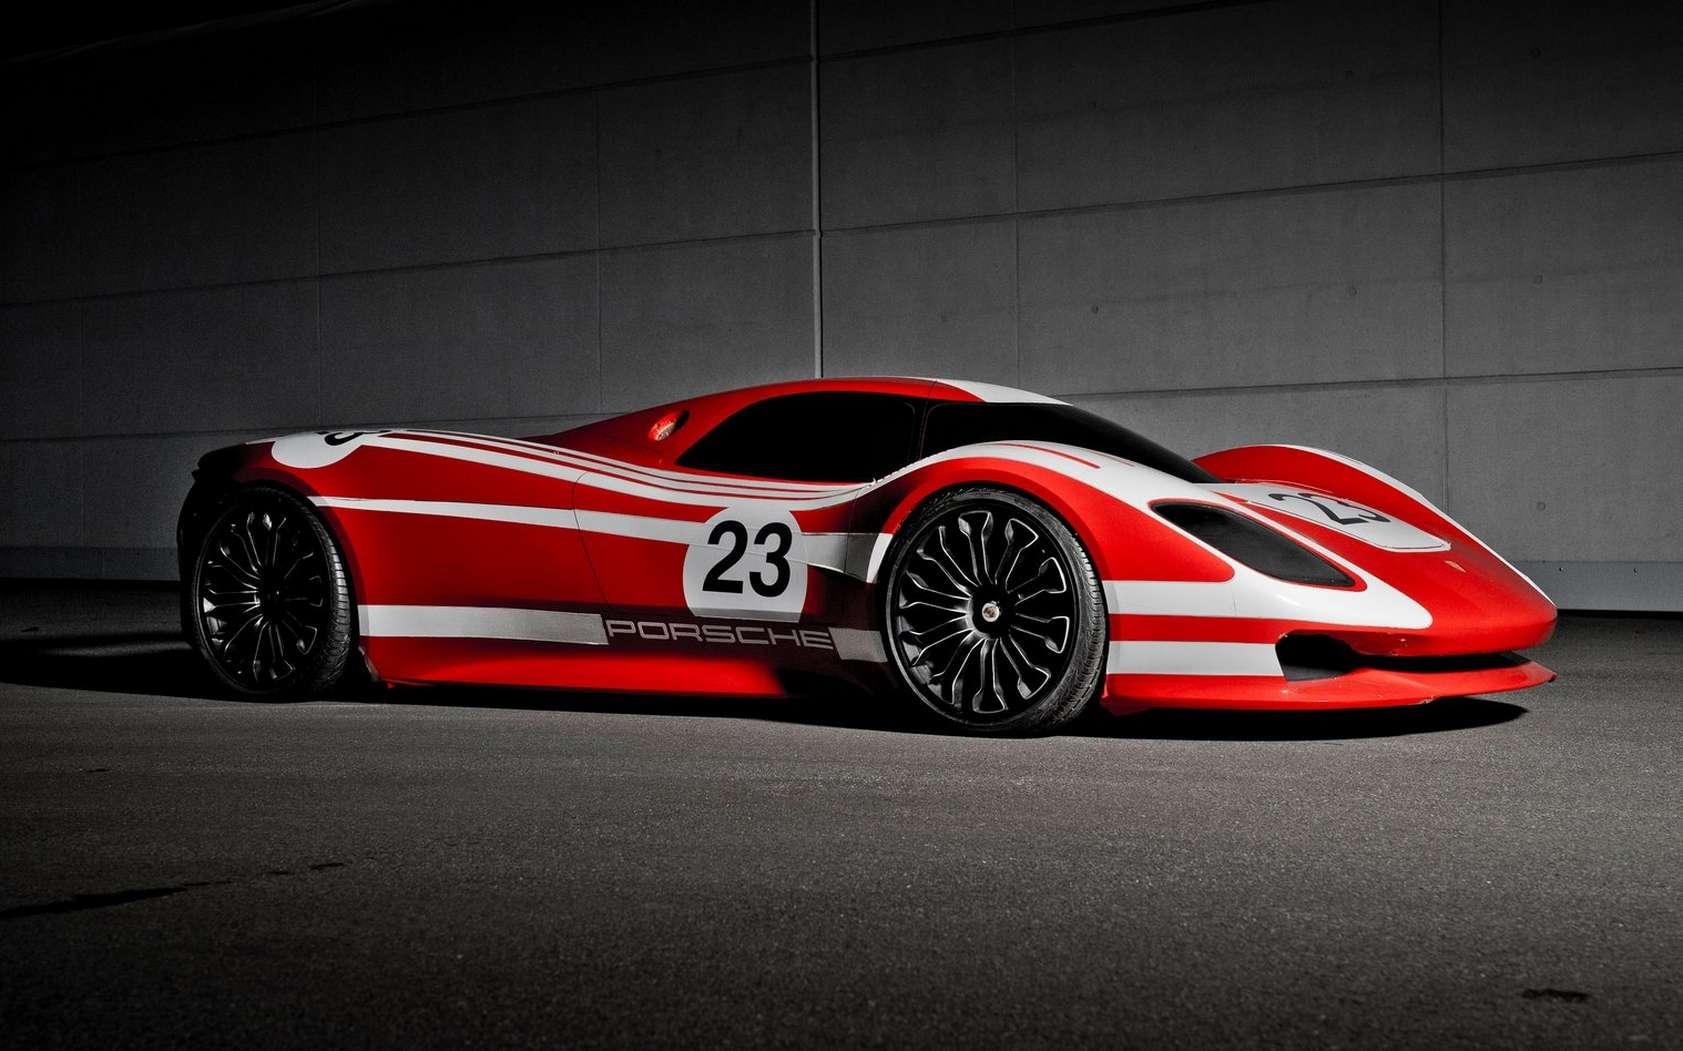 La future supercar hybride ou 100 % électrique de Porsche pourrait s'inspirer du concept 917 imaginé pour célébrer les 50 ans de ce modèle mythique de la marque allemande. © Porsche